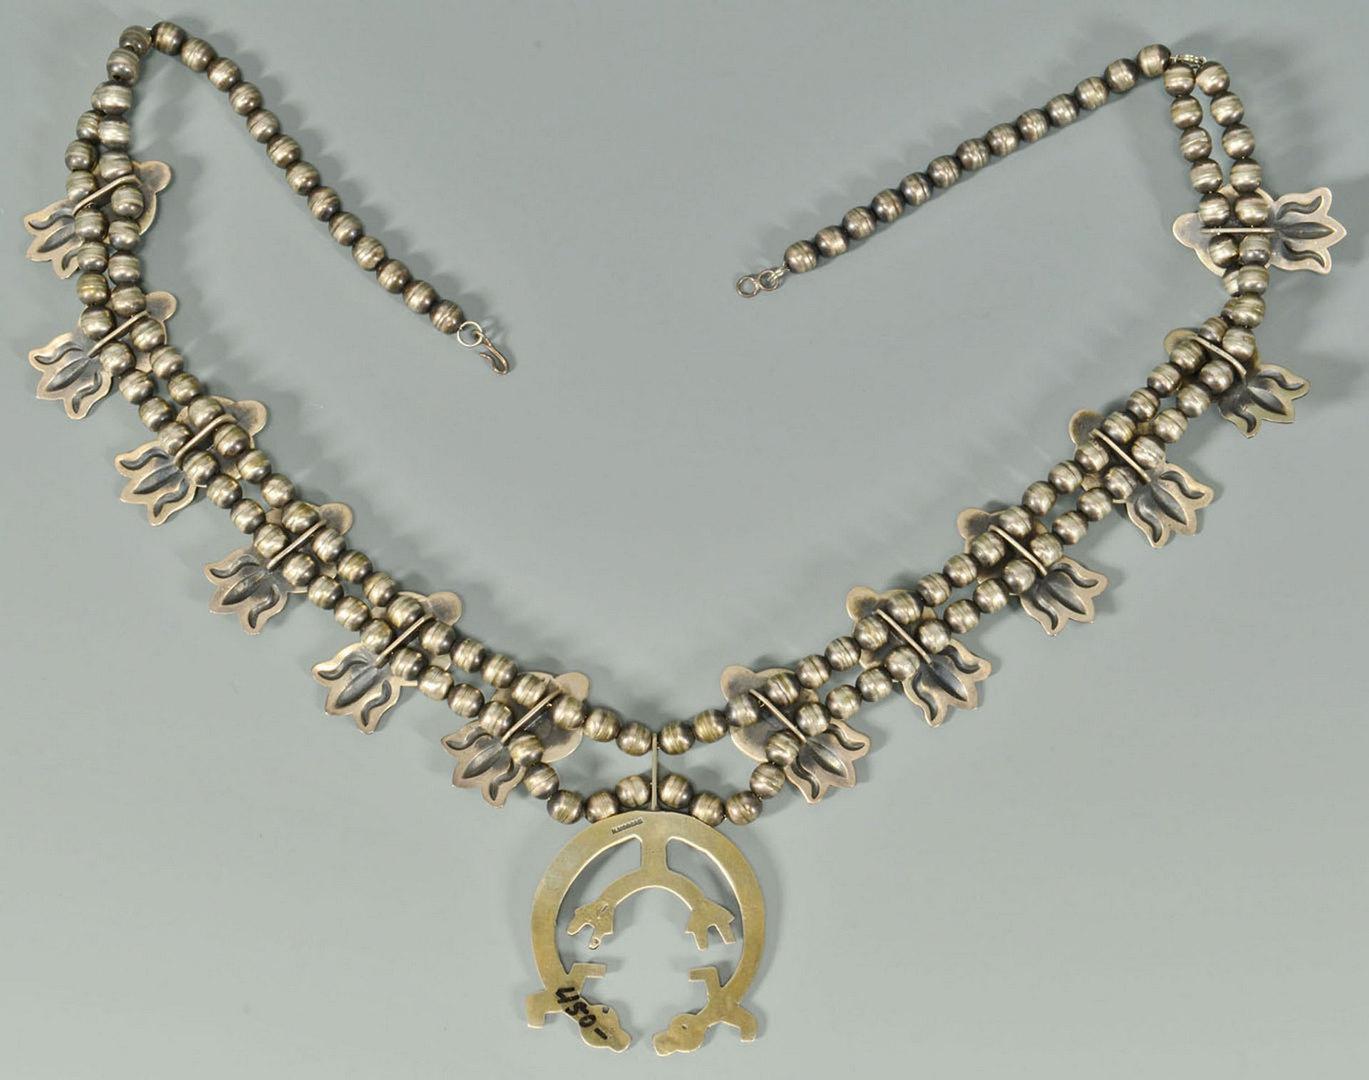 Lot 387: Navajo Squash Blossom necklace, H. Morgan